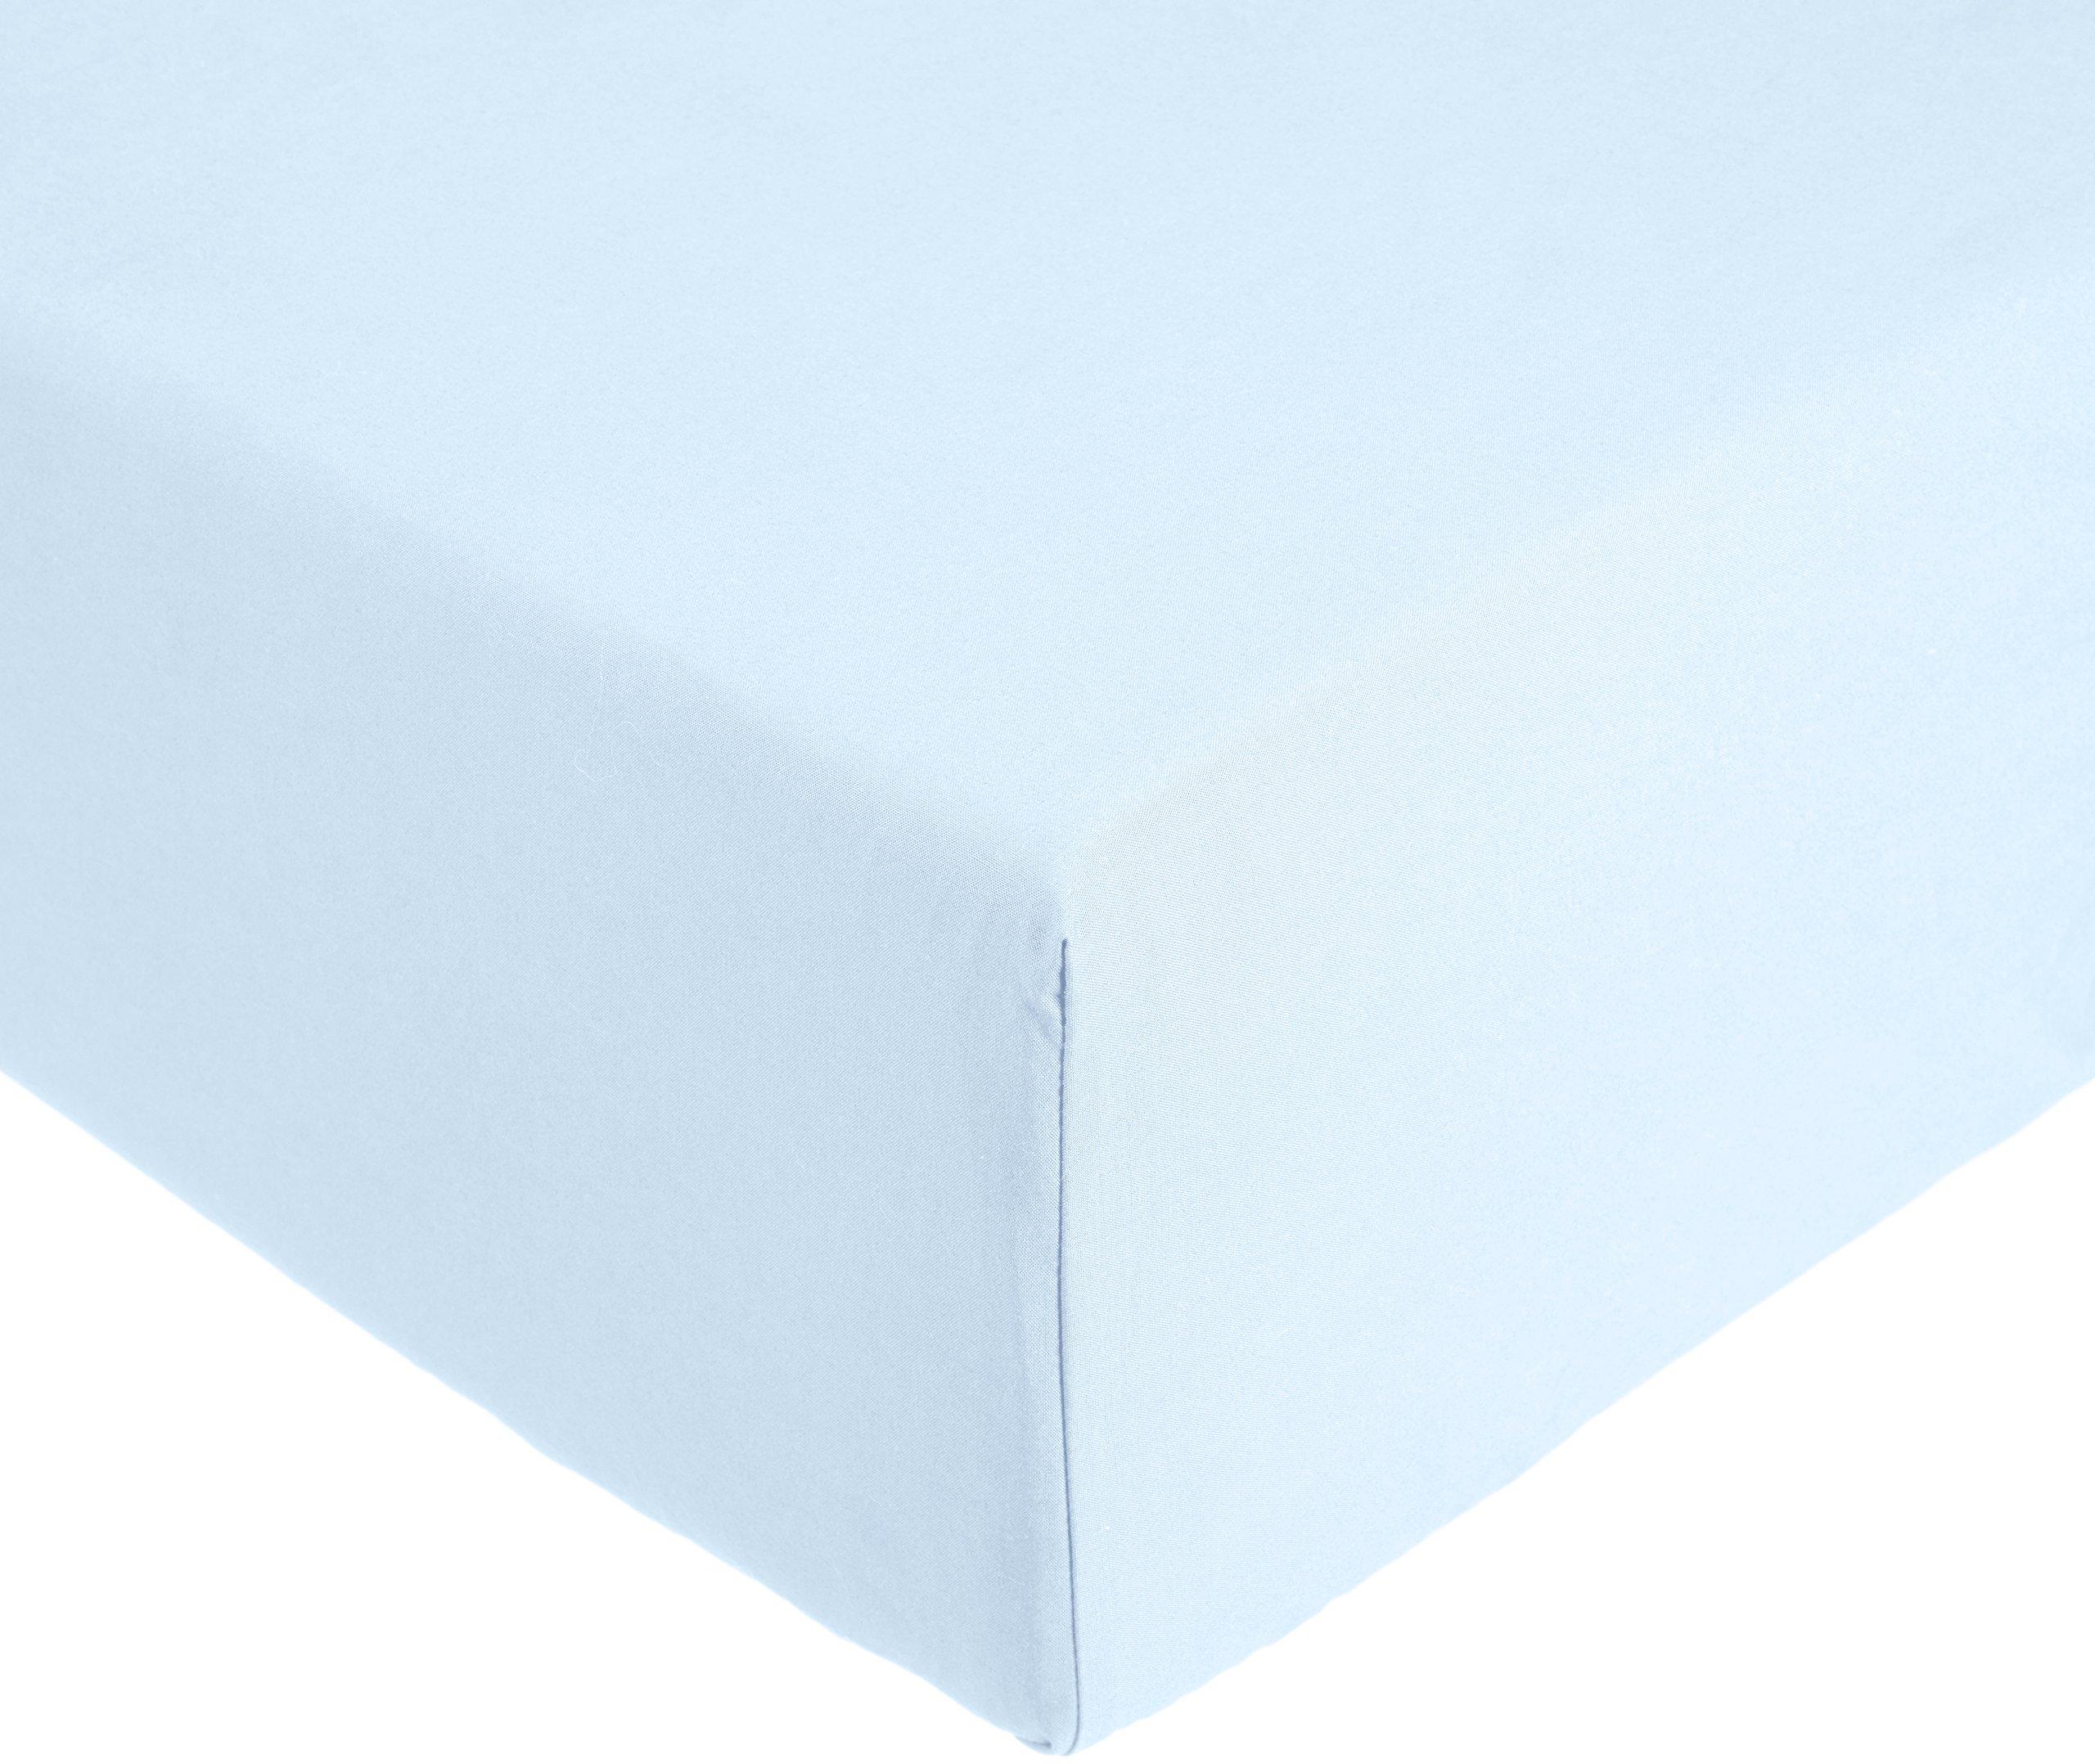 AmazonBasics Everyday - Sábana bajera ajustable (100% algodón) Azul - 90 x 190 x 30 cm: Amazon.es: Hogar